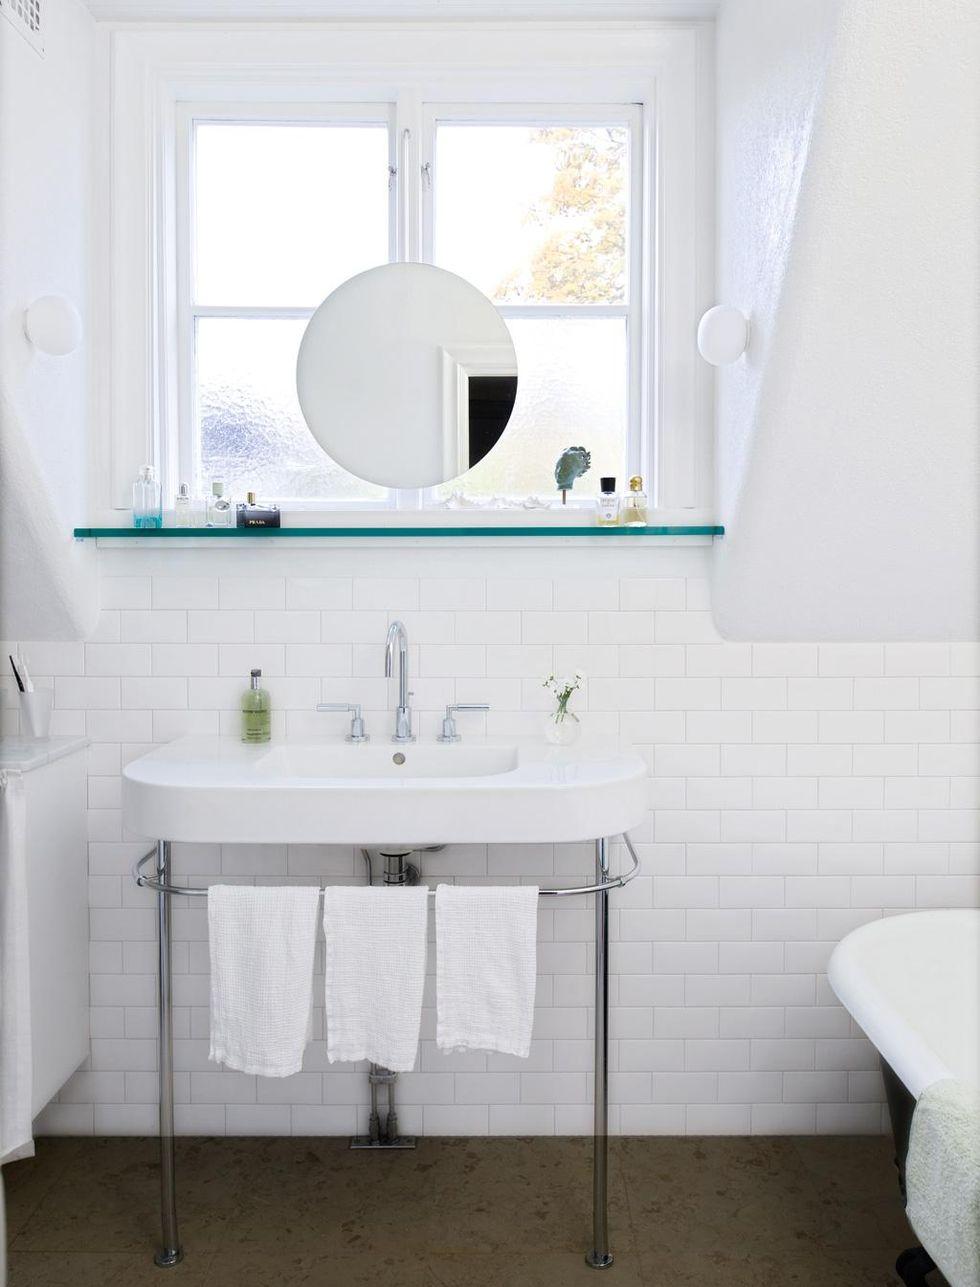 Högskåp badrum 20 cm djup ~ Xellen.com